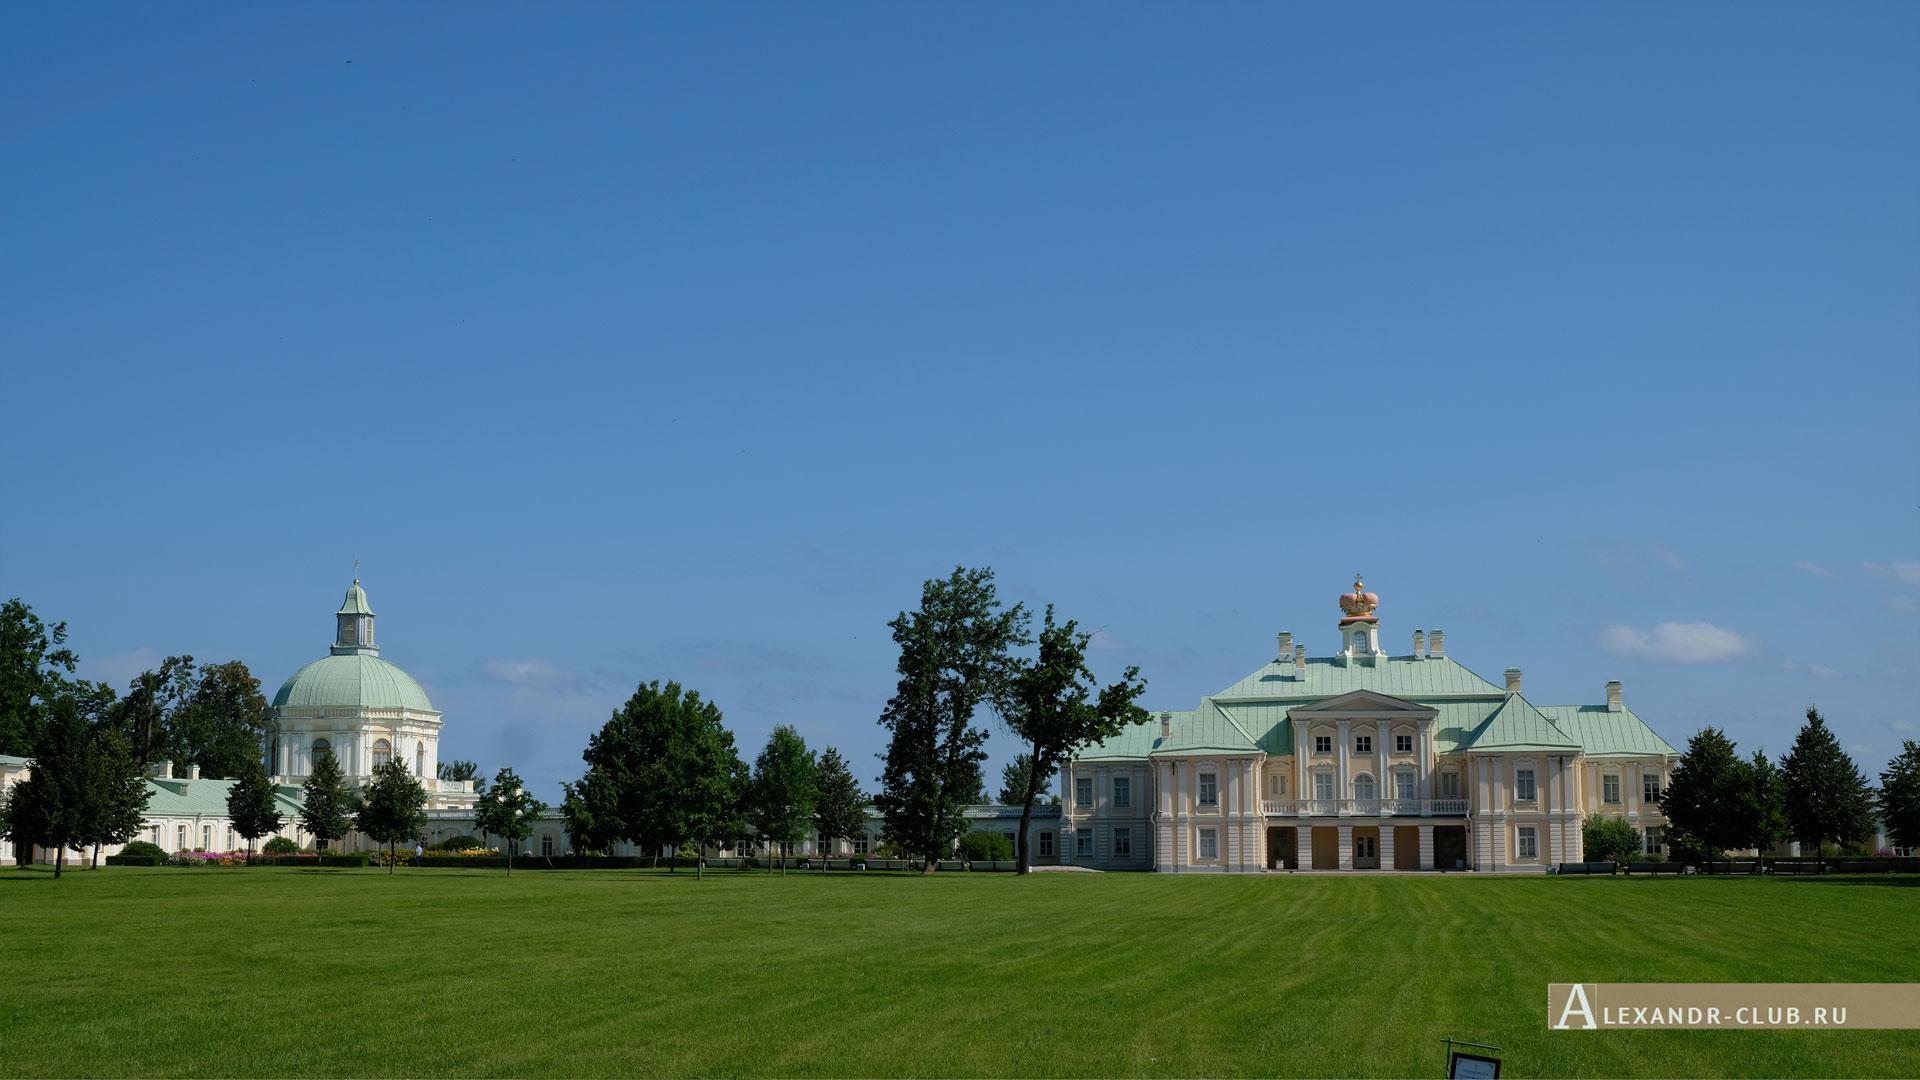 Ораниенбаум, лето, Большой Меншиковский дворец, дворцовая церковь